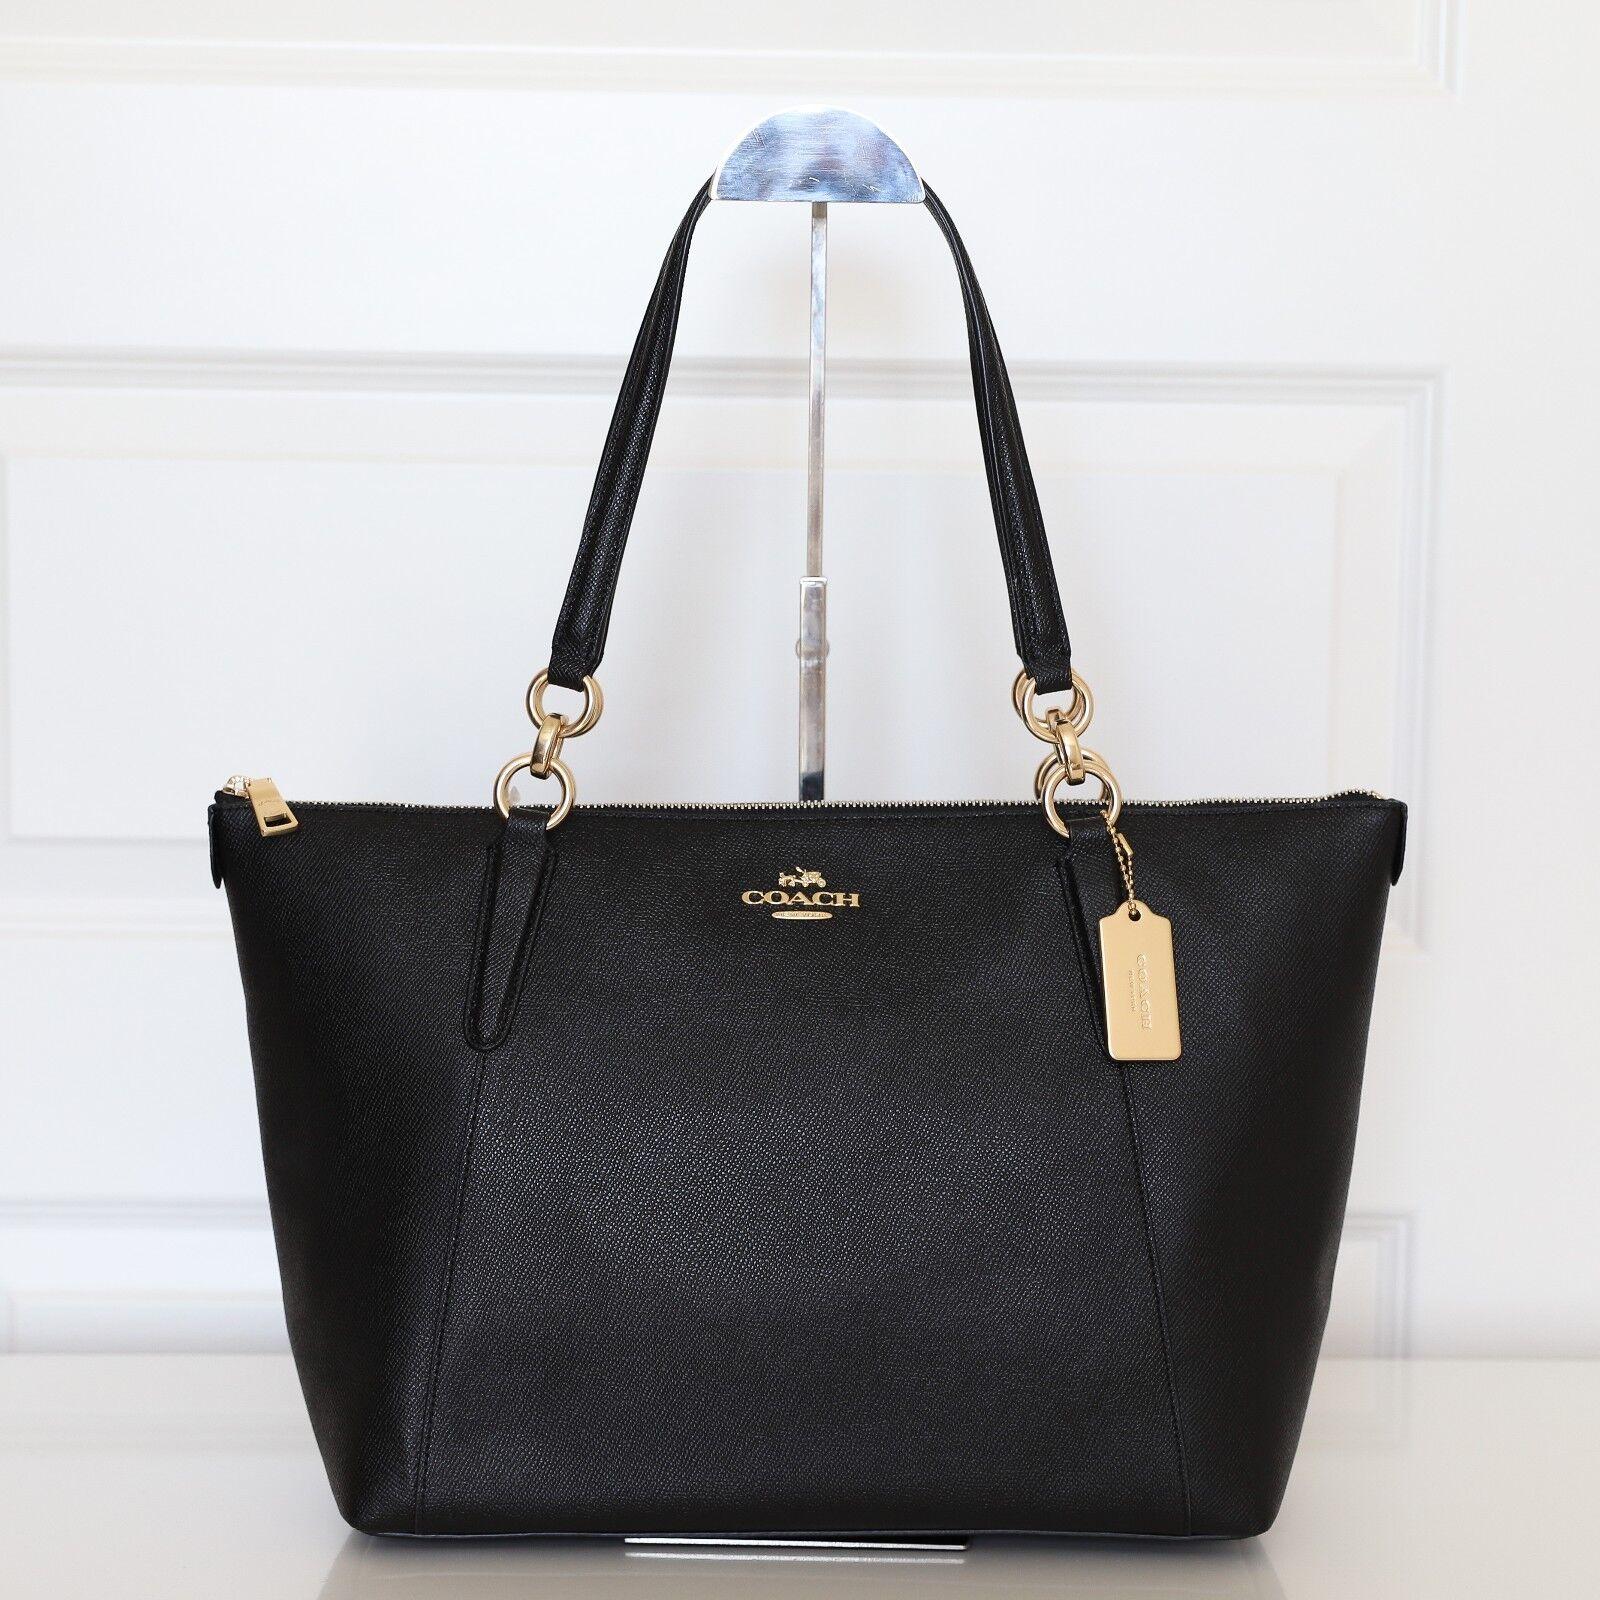 77f22b08f99 ... official new coach f57526 crossgrain ava zip tote handbag in black  bigstores 24c37 cf7ba ...